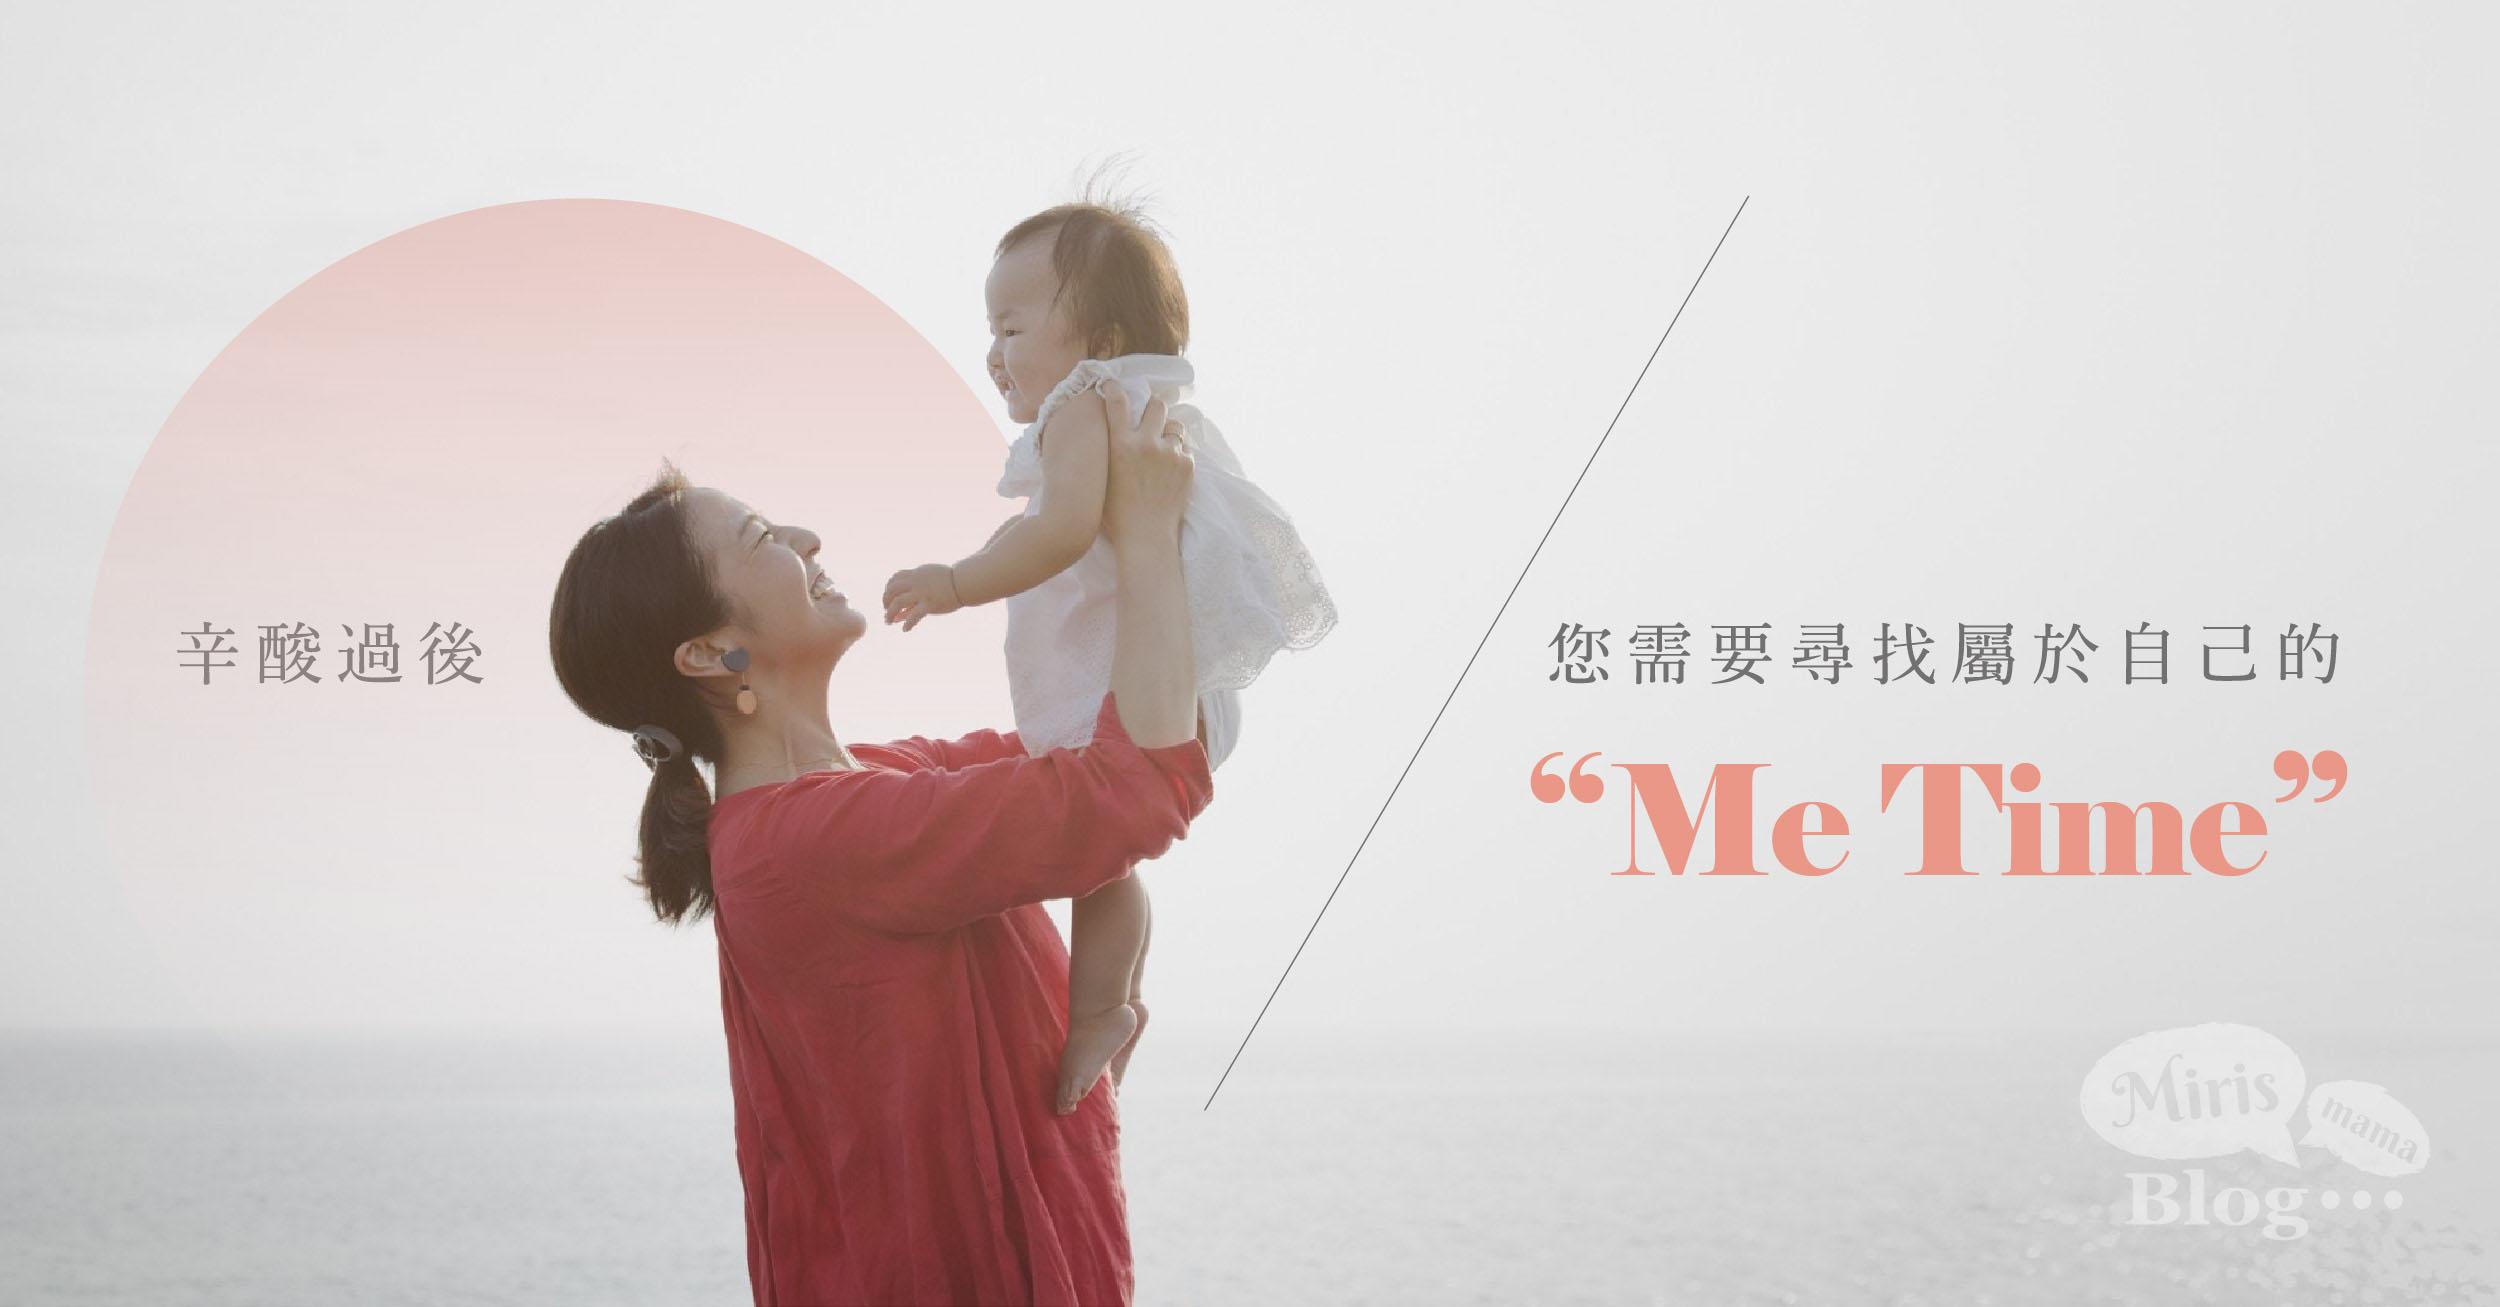 【新手媽媽】辛酸過後 妳需要尋找屬於自己的「MeTime」!